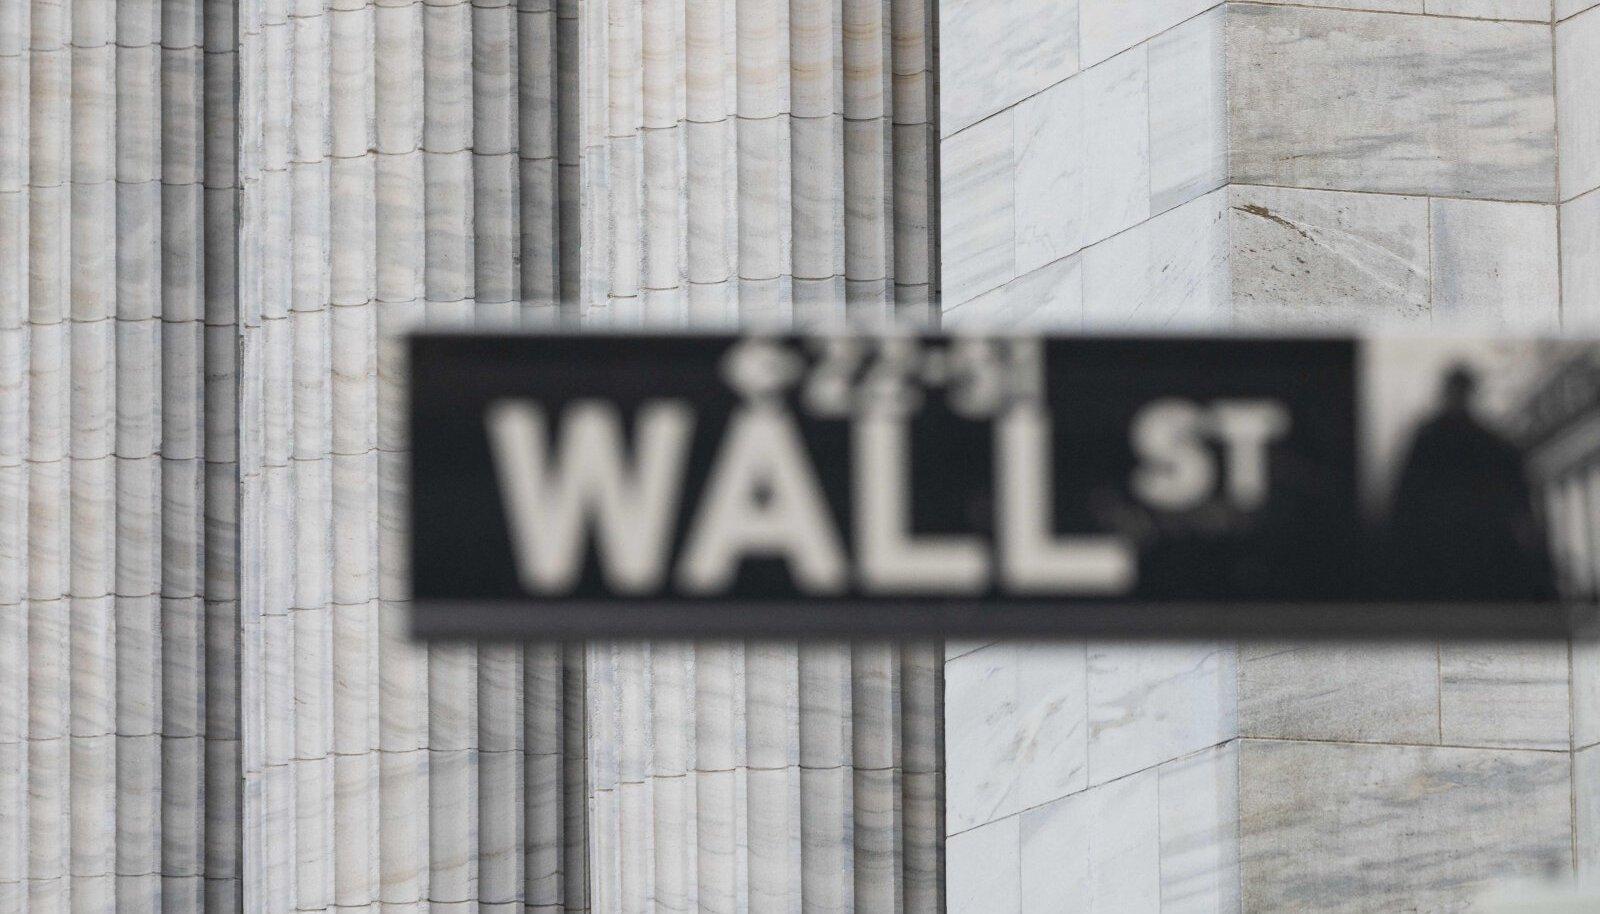 Wall Streeti analüütikute ootused olid liiga tagasihoidlikud